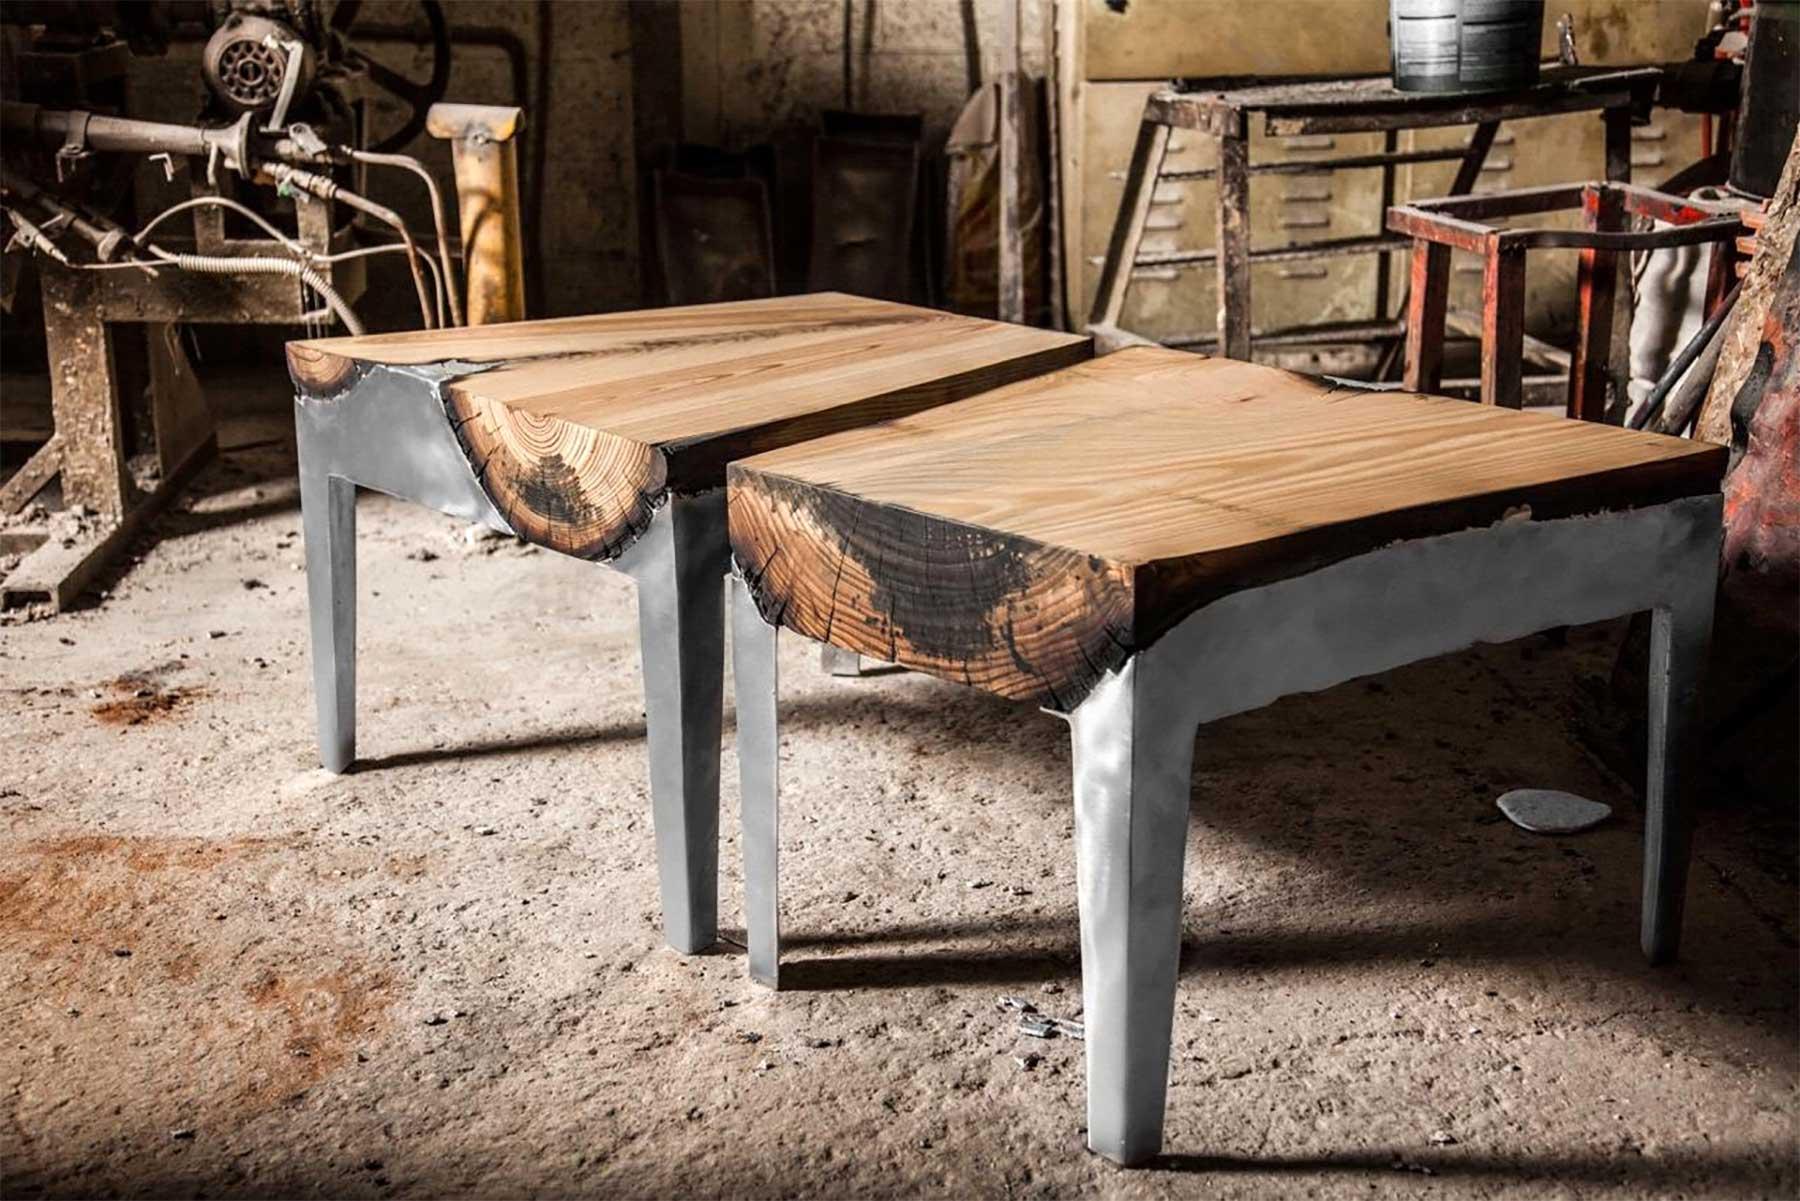 Aluminium-Holz-Möbel von Hilla Shamia Hilla-Shamia-design-studio_03